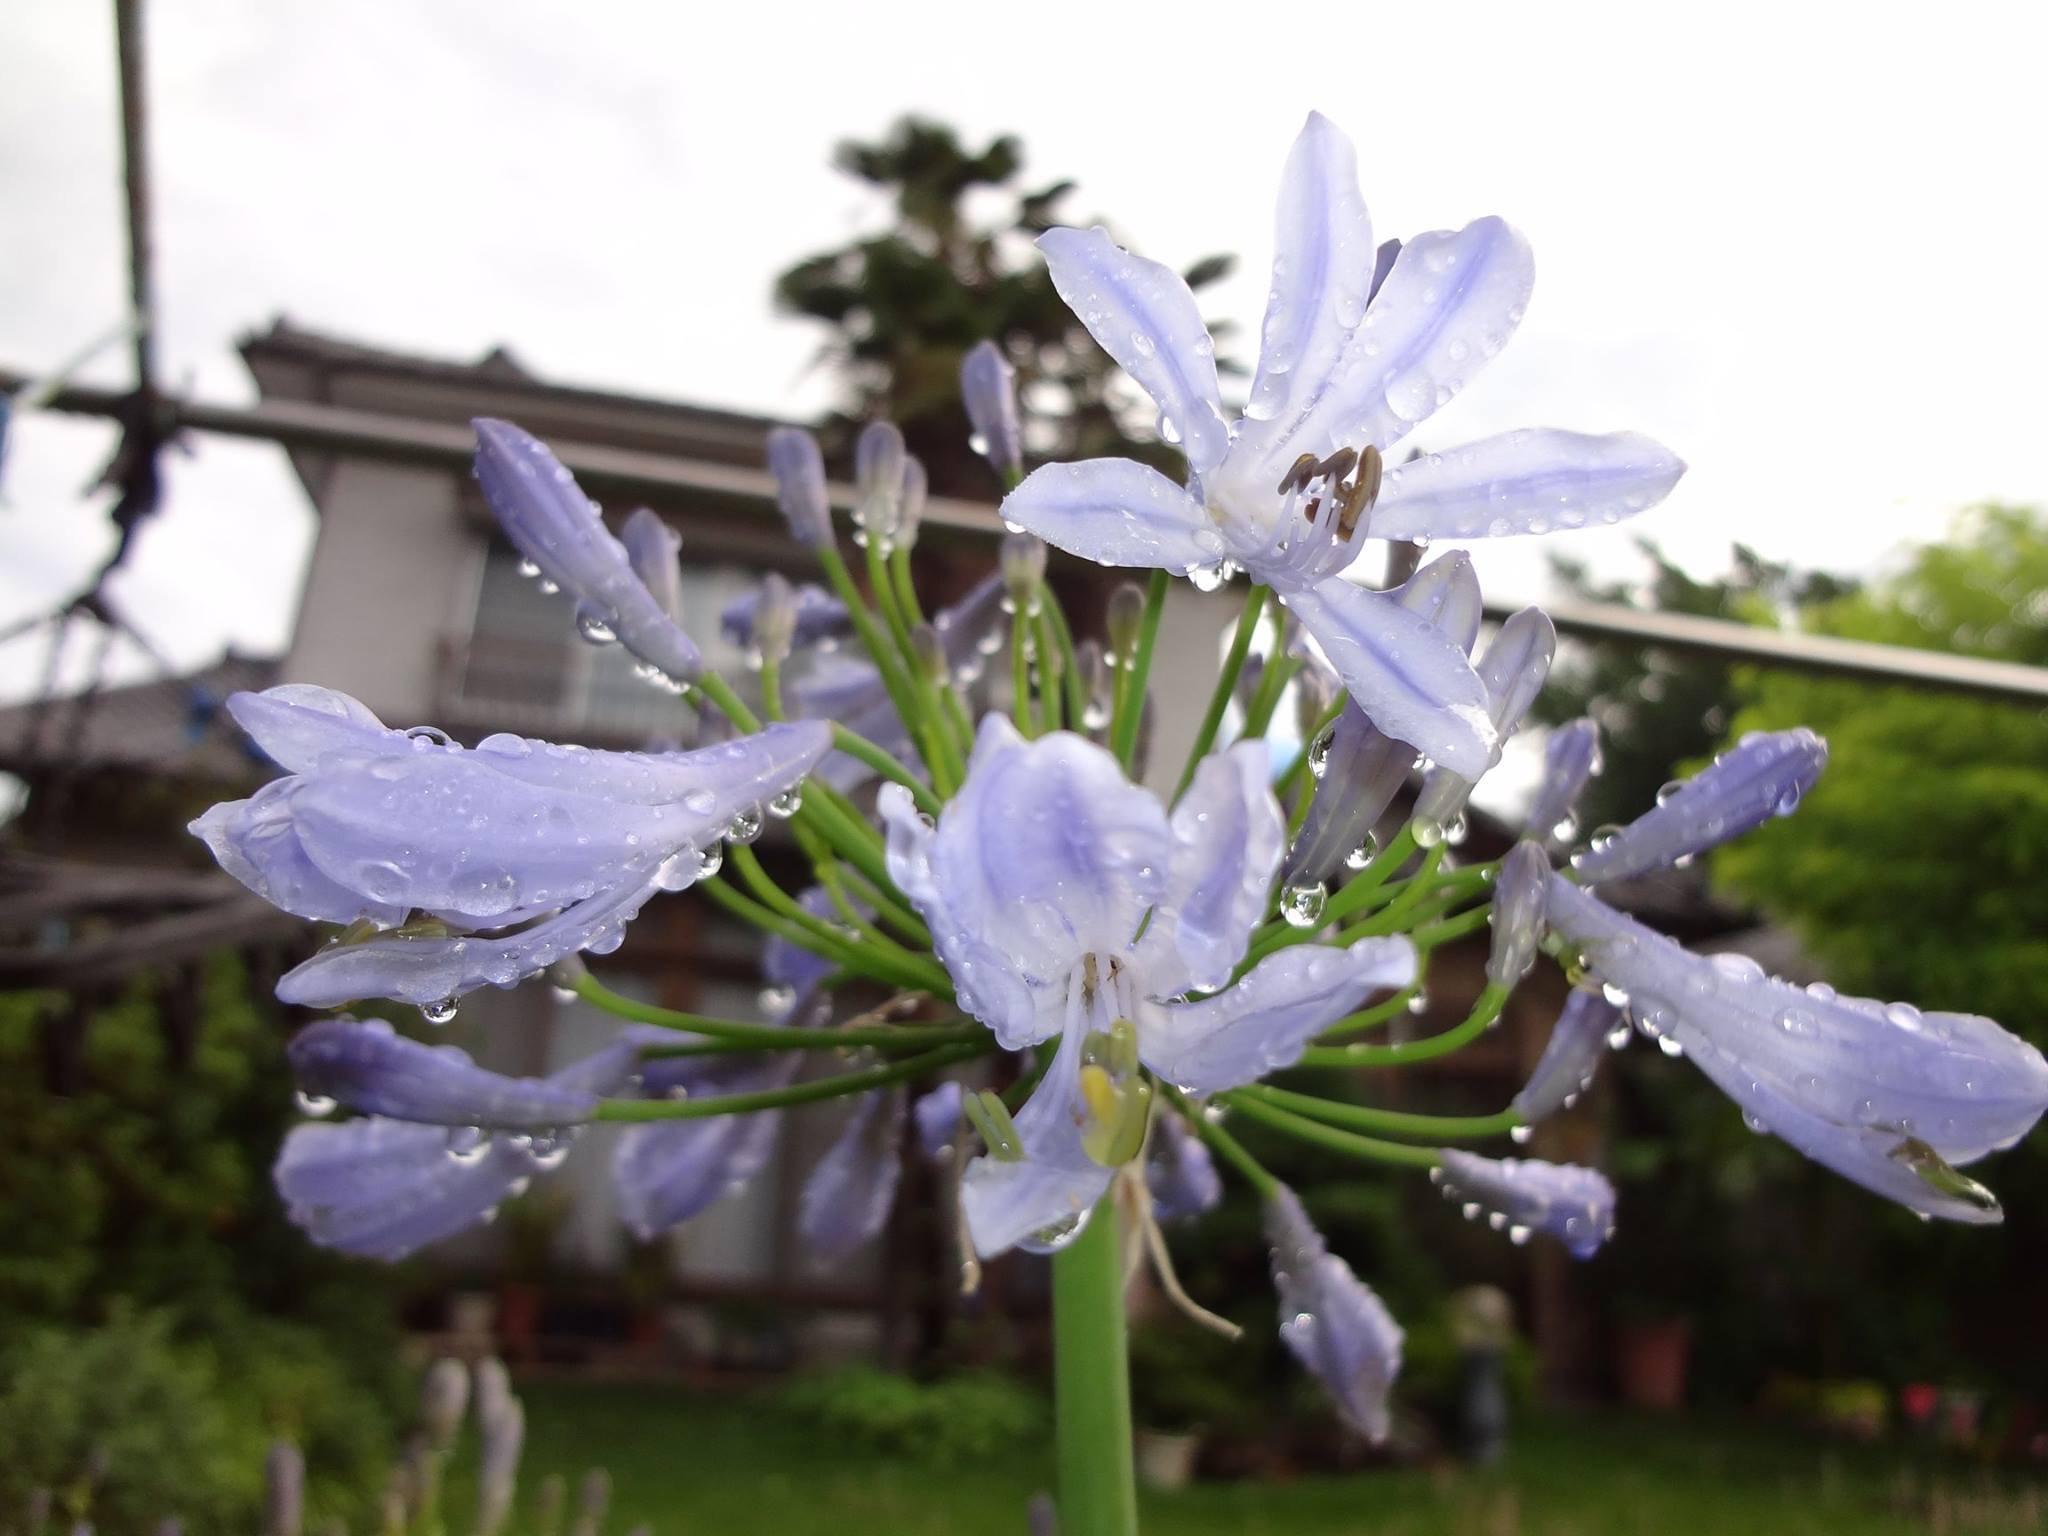 紫君子蘭(むらさきくんしらん)の花が咲いてきました。